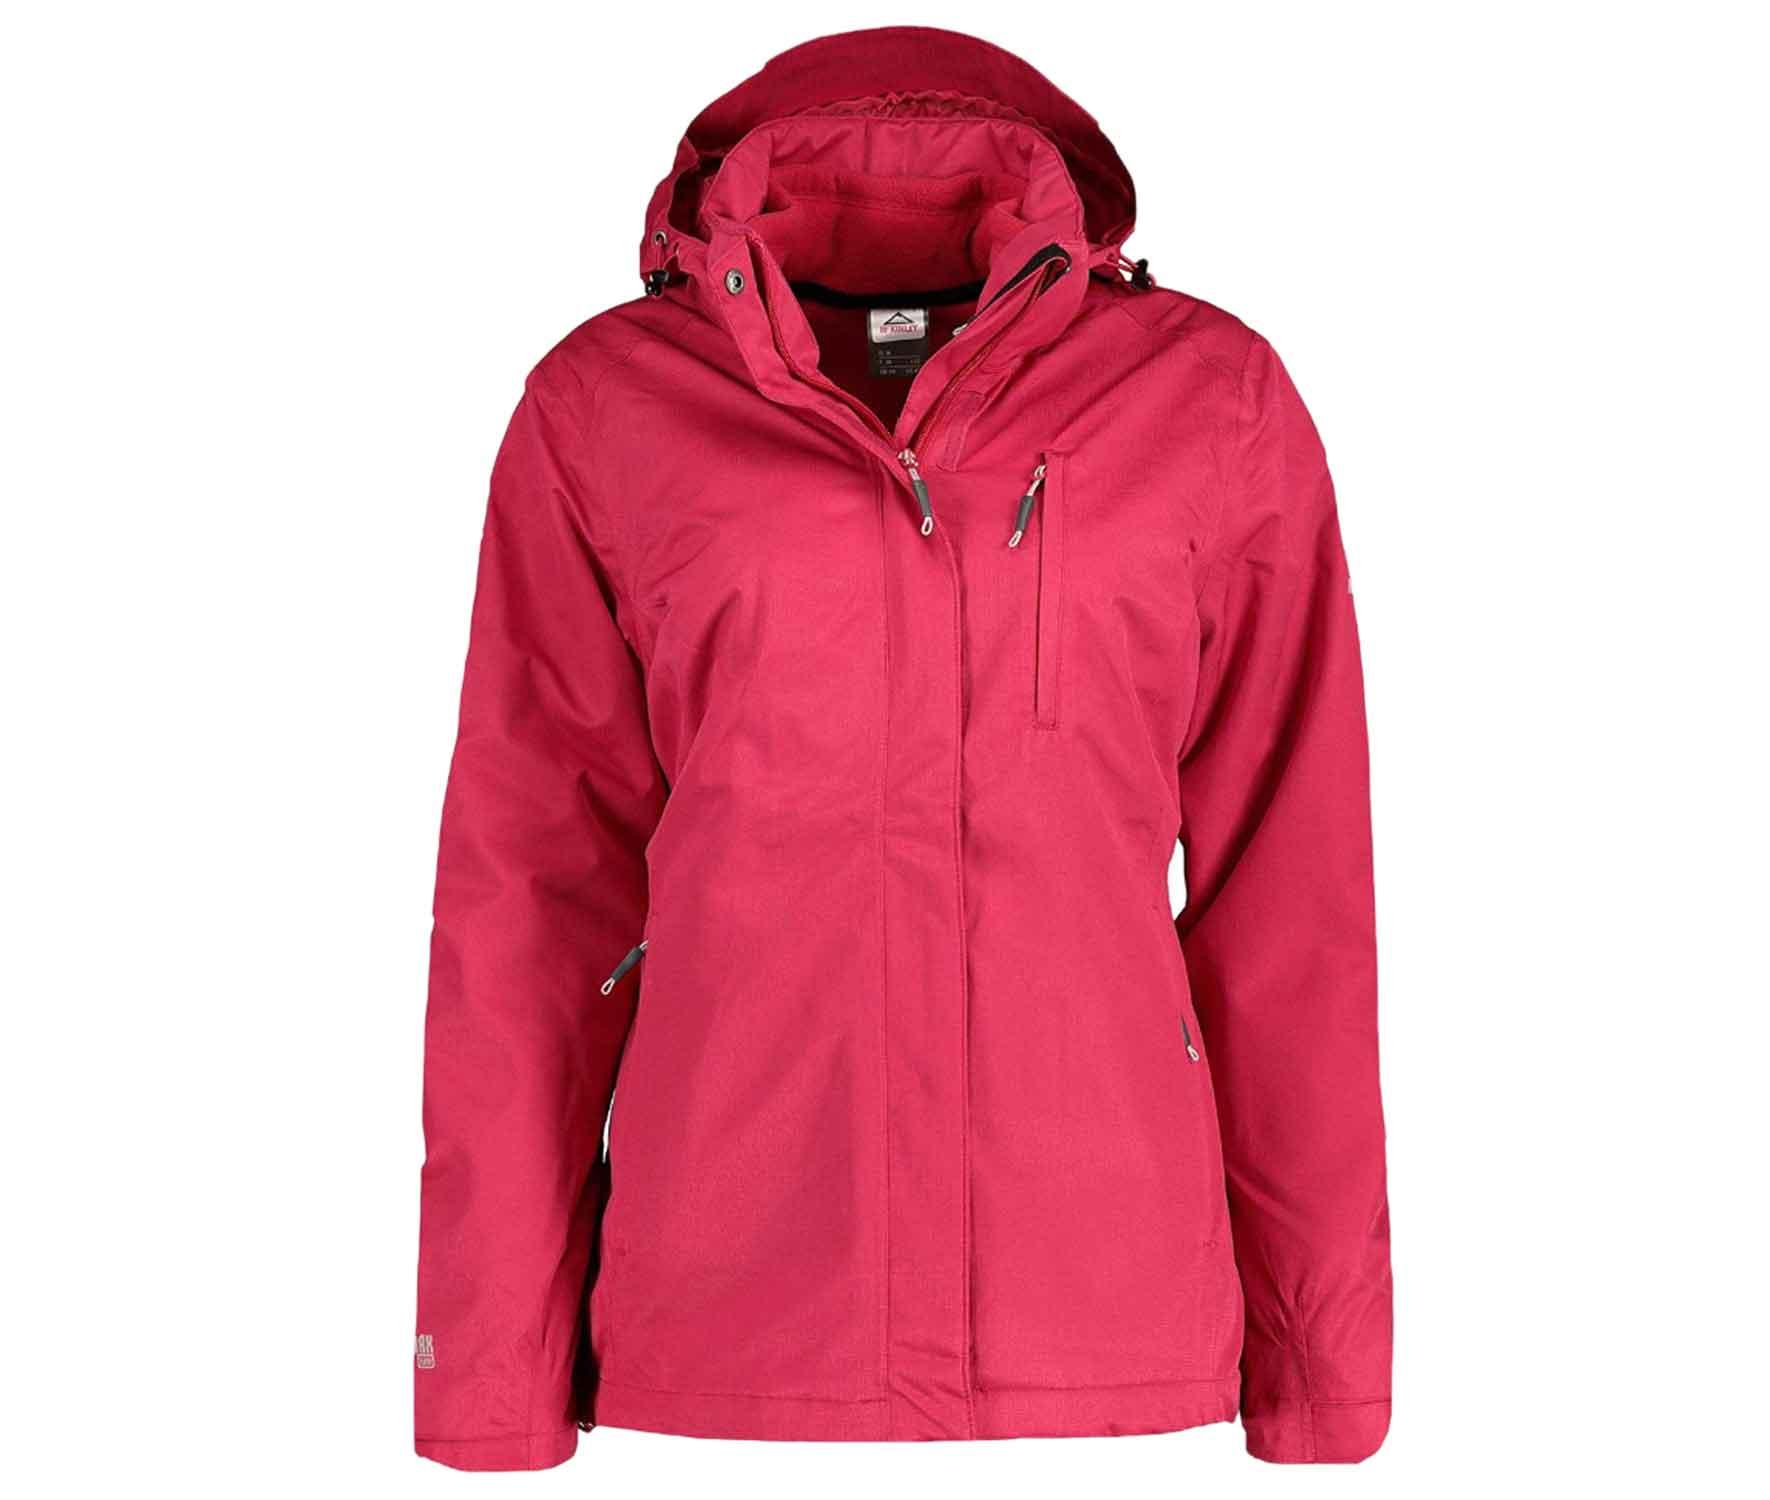 Jacken, Mäntel & Westen für Damen online kaufen › top Marken